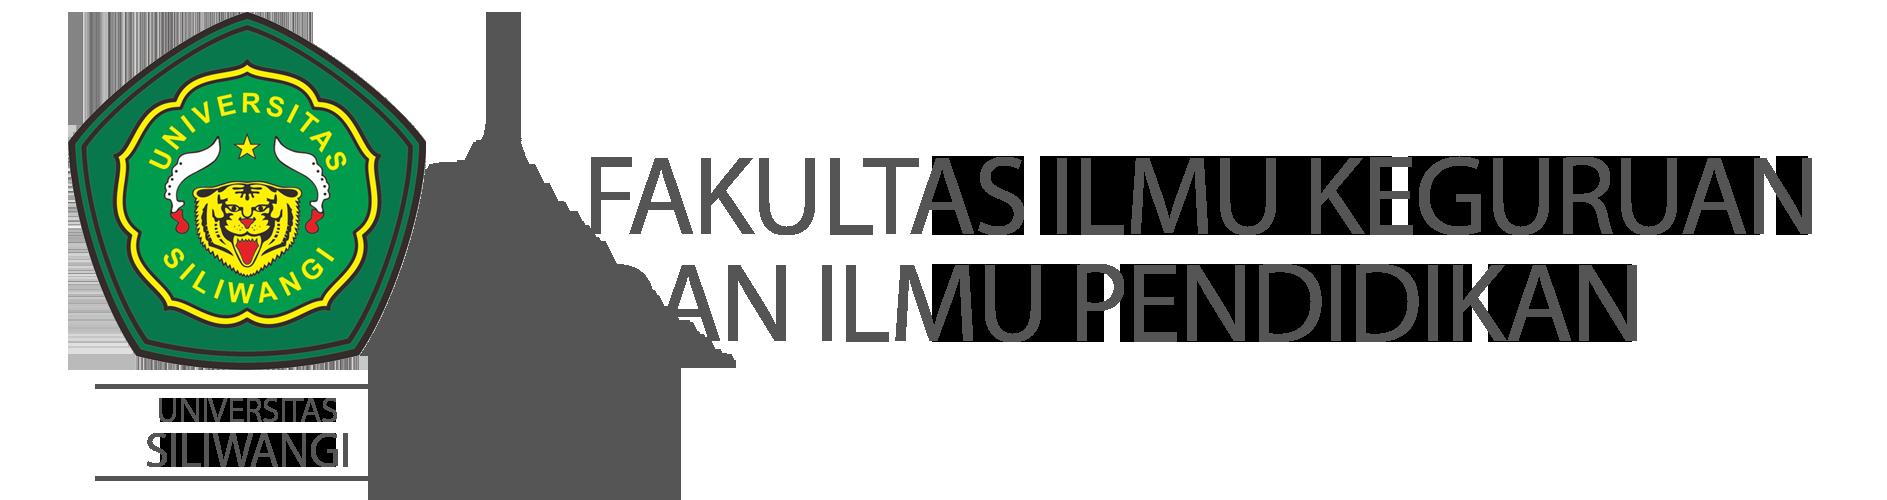 Website Resmi Fakultas Ilmu Keguruan dan Ilmu Pendidikan